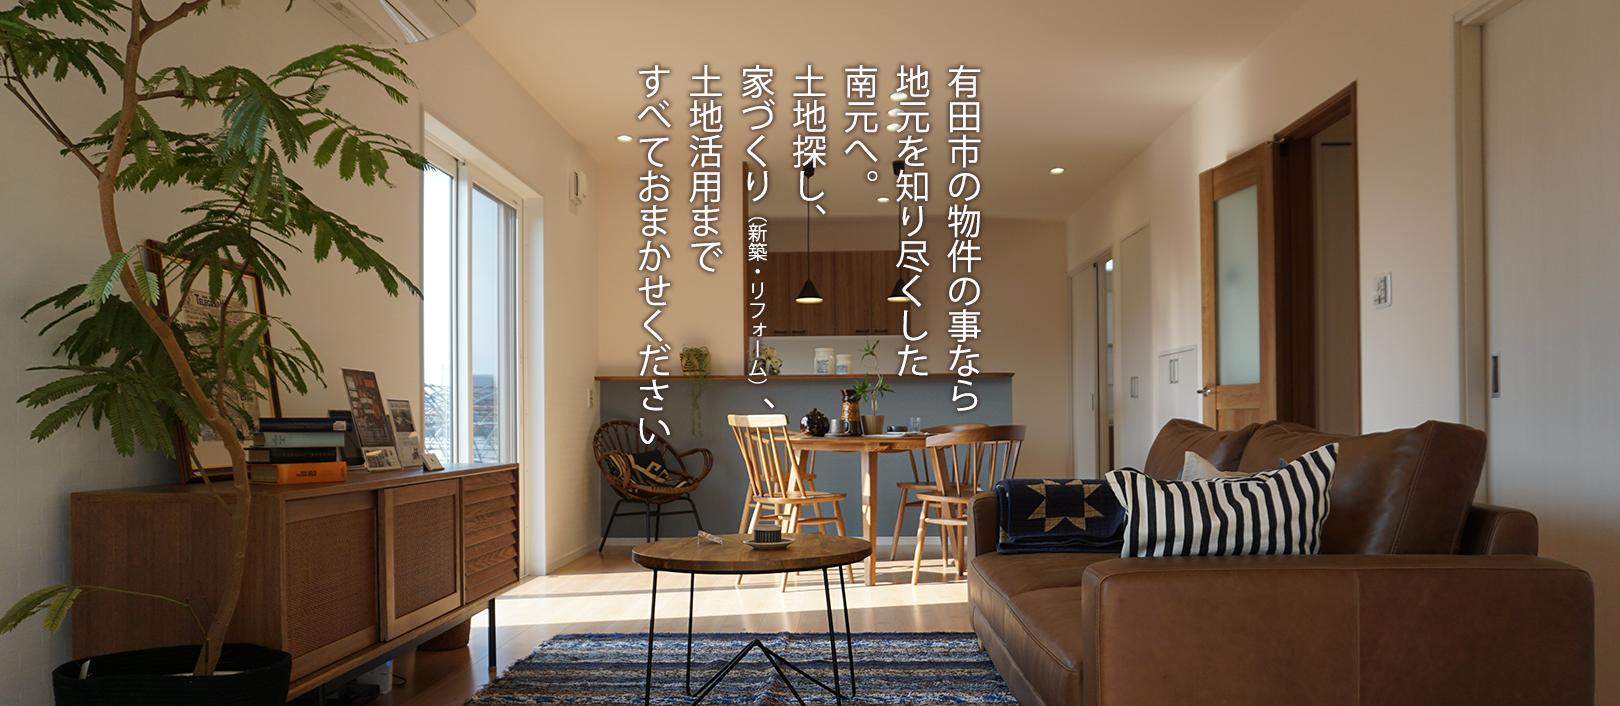 有田市の不動産・新築住宅・リフォームのことなら株式会社南元にお任せください。